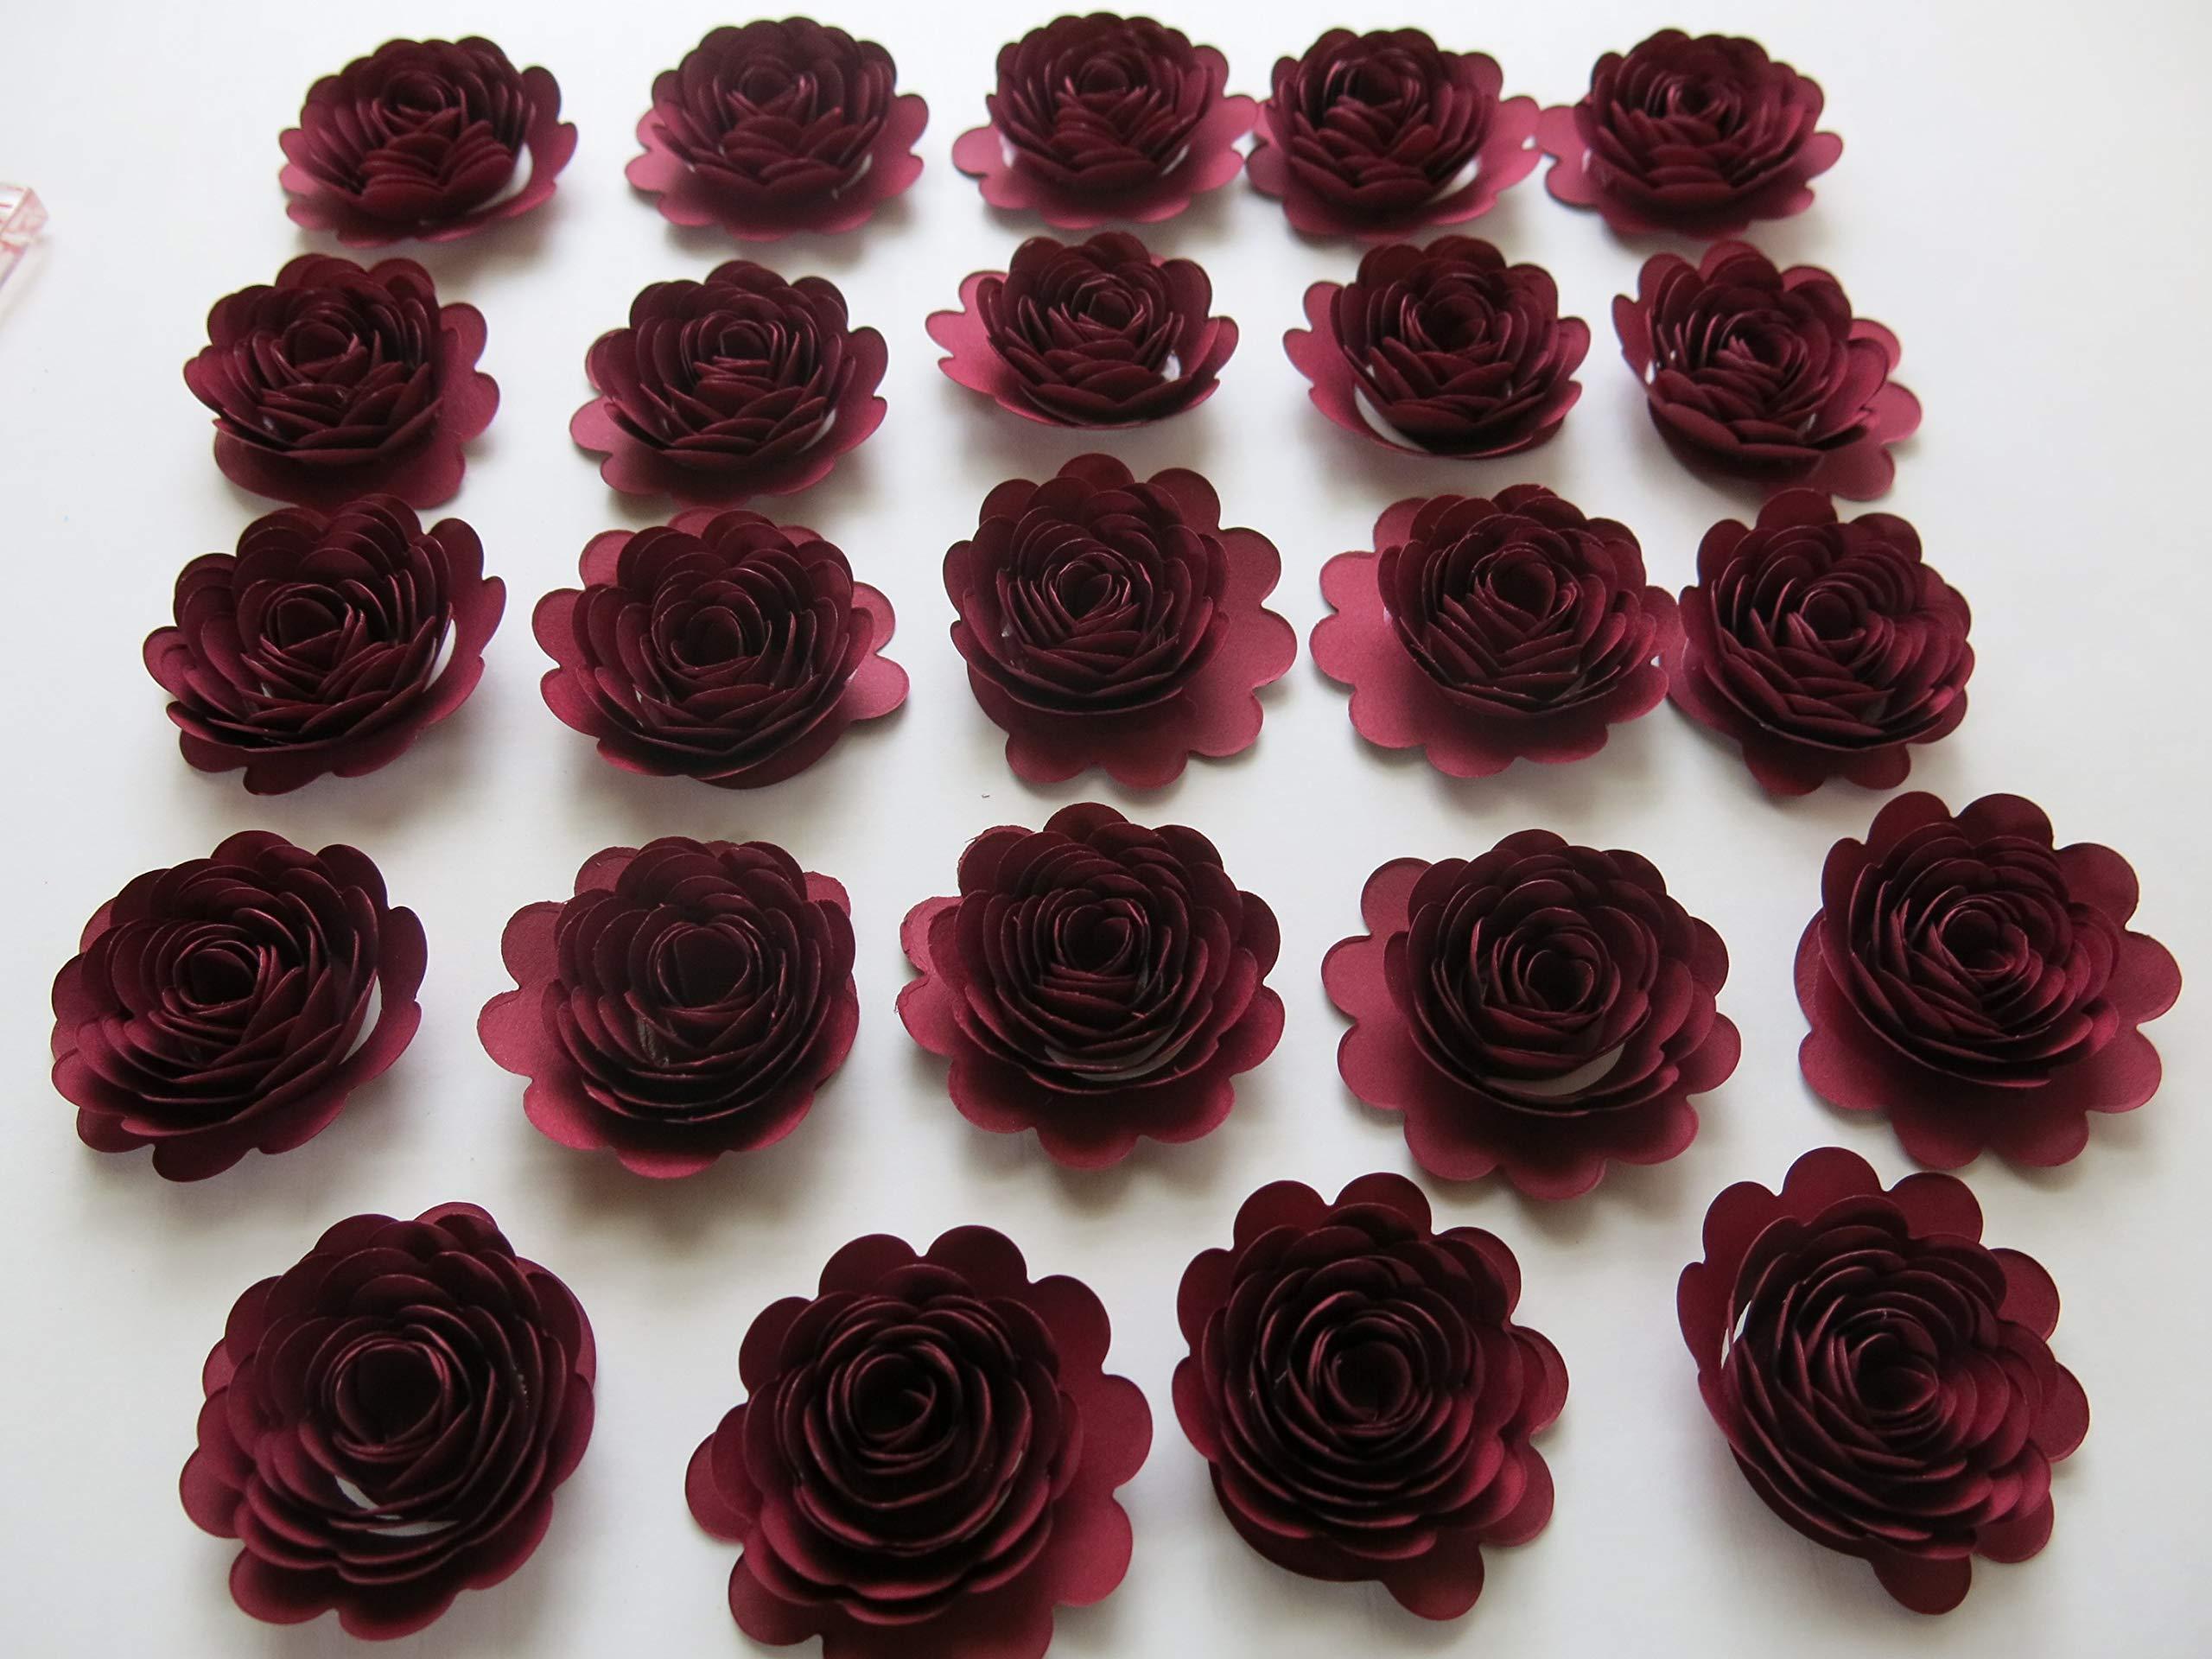 24-Dark-Red-Carnations-15-Scalloped-Burgundy-Rose-Paper-Flowers-Garnet-Flowers